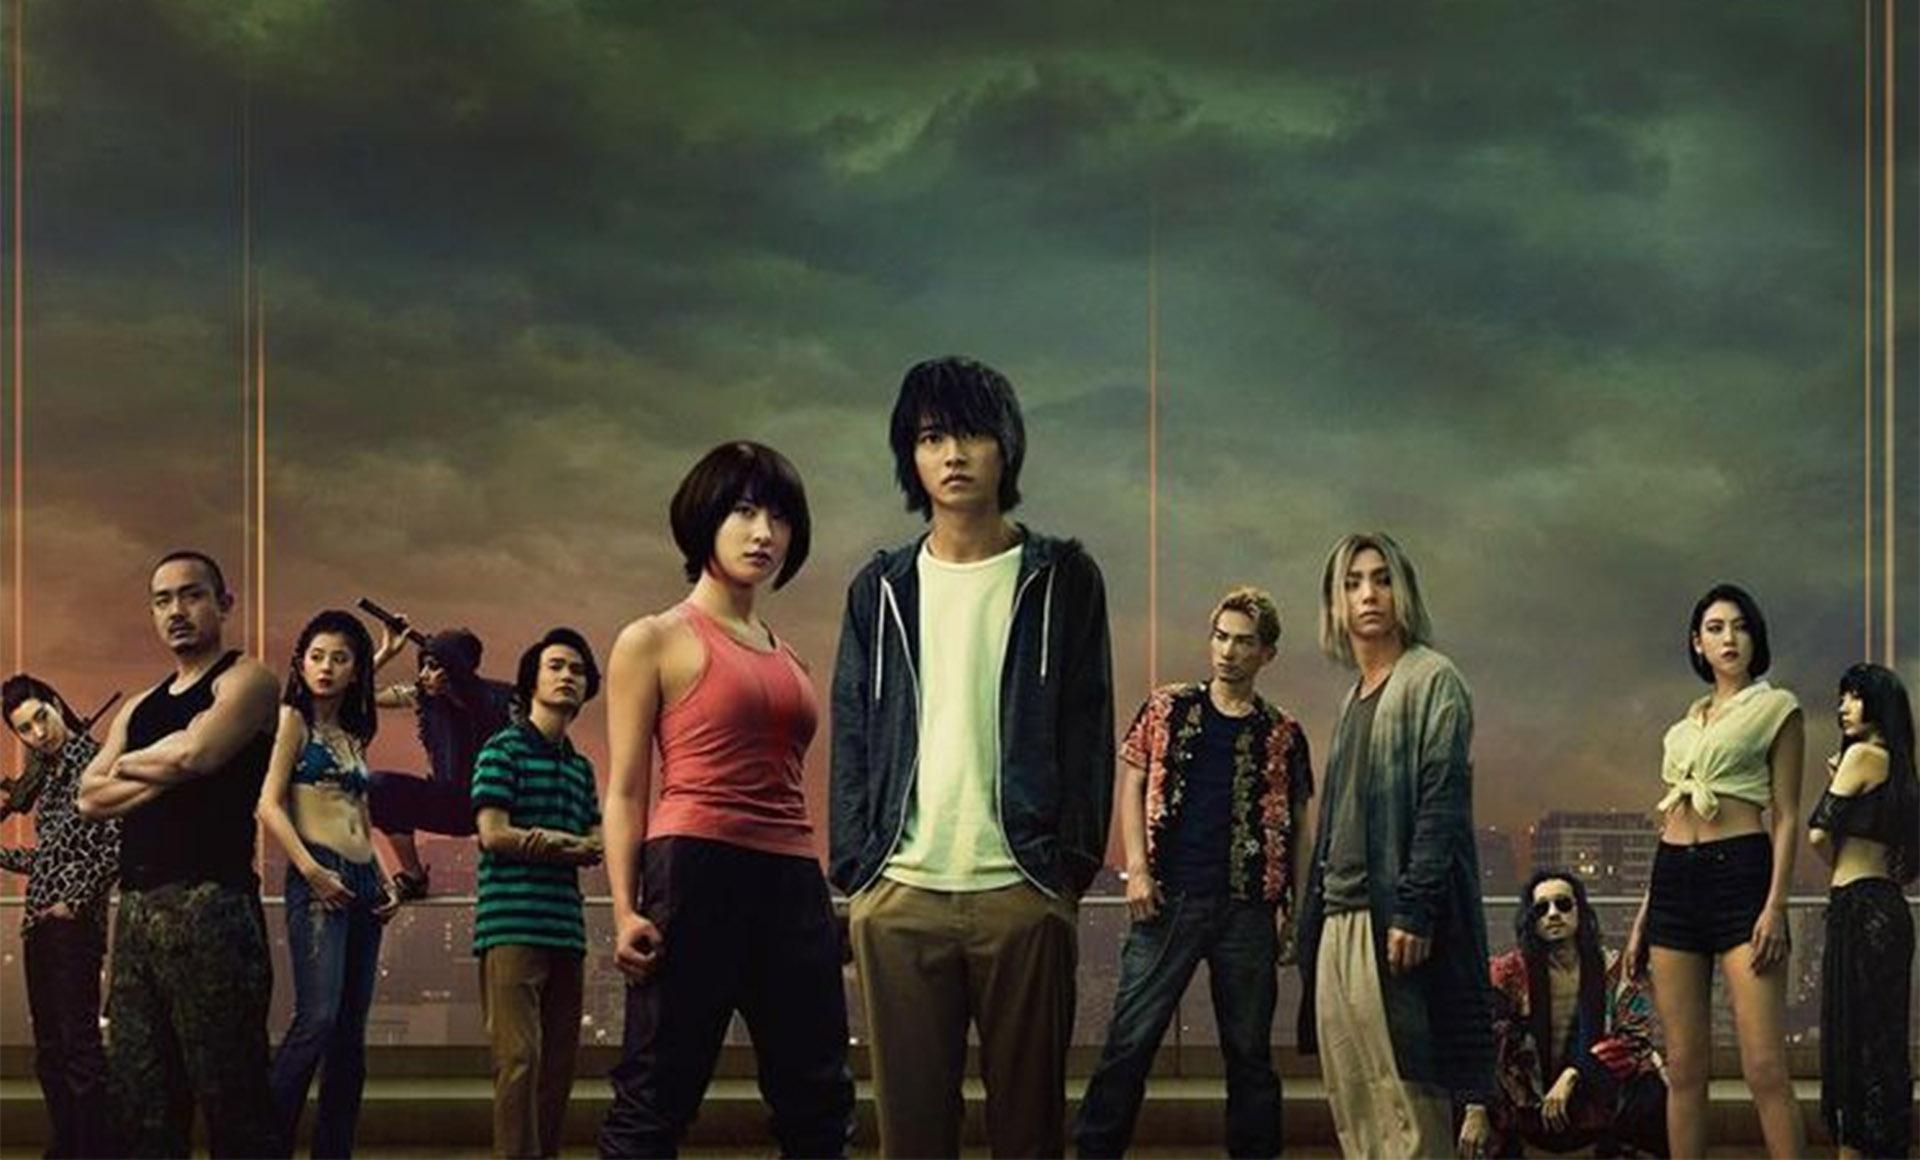 Review] Alice in Borderland - ซีรี่ส์จากมังงะญี่ปุ่น ที่กระแสตีคู่มากับ  Sweet Home แต่ดูแล้วไปได้ไกลกว่าเยอะ - Pantip